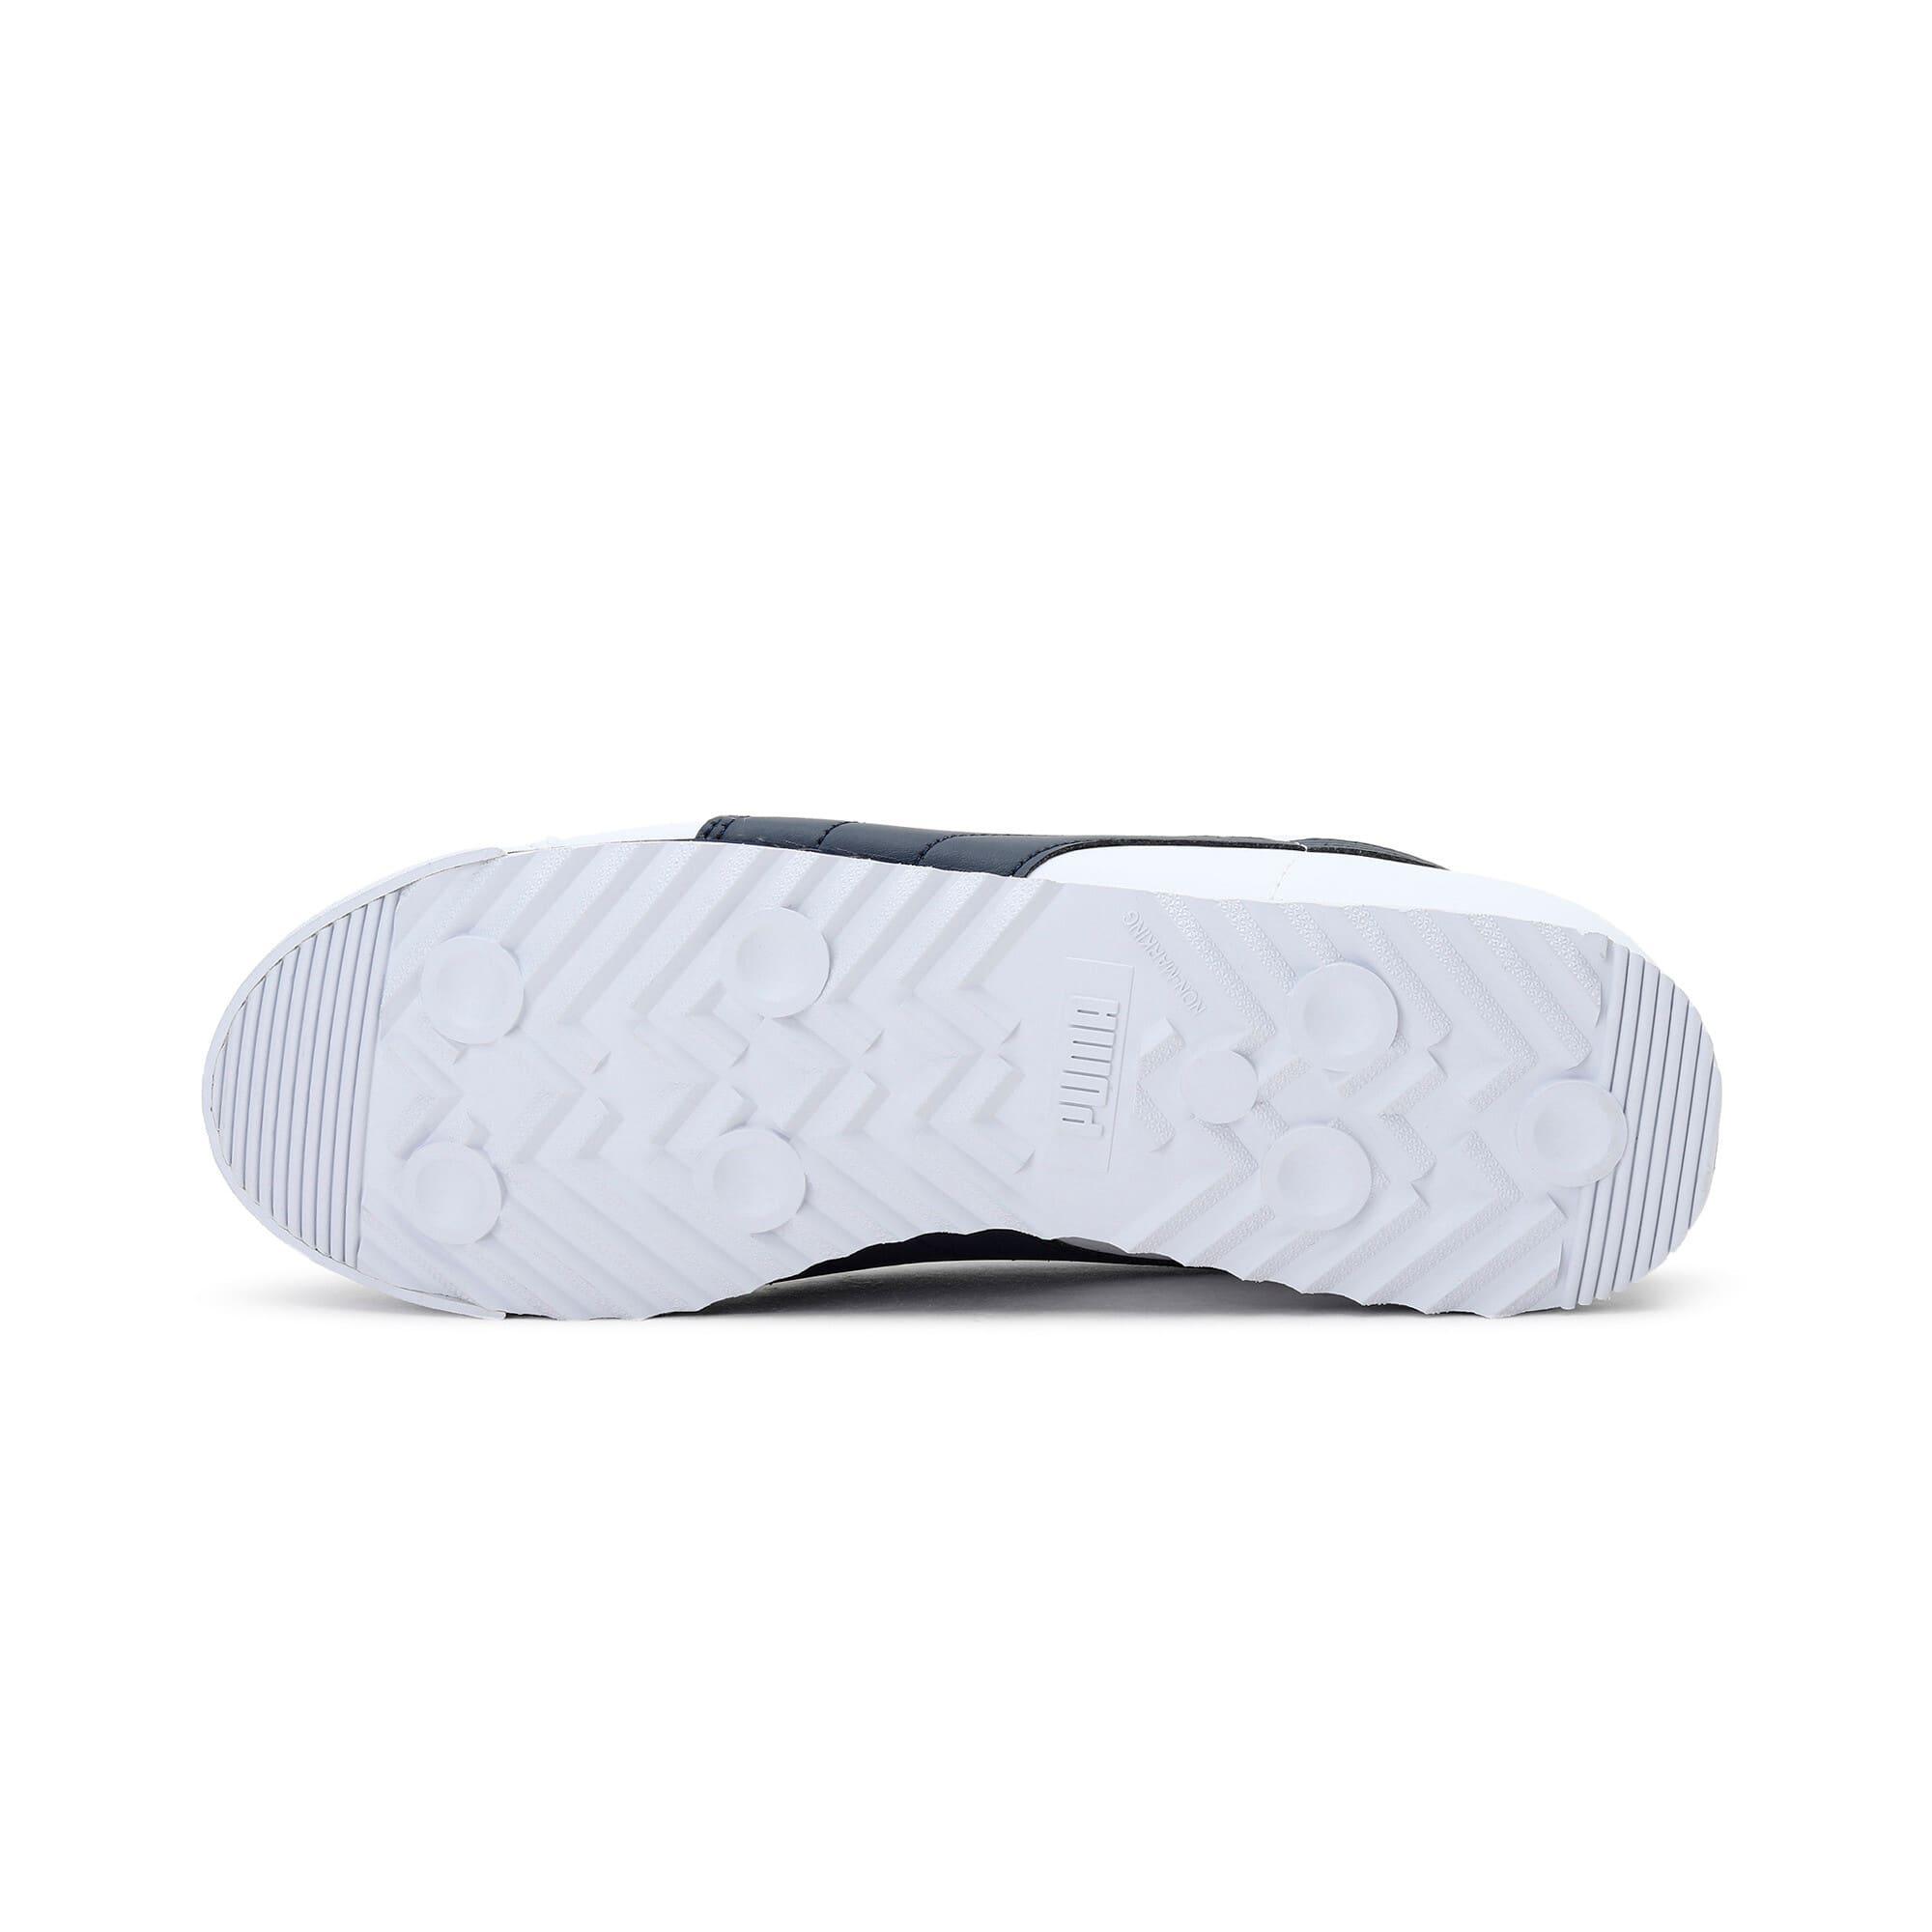 Miniatura 3 de Zapatos deportivos Roma Basic para hombre, white-new navy, mediano